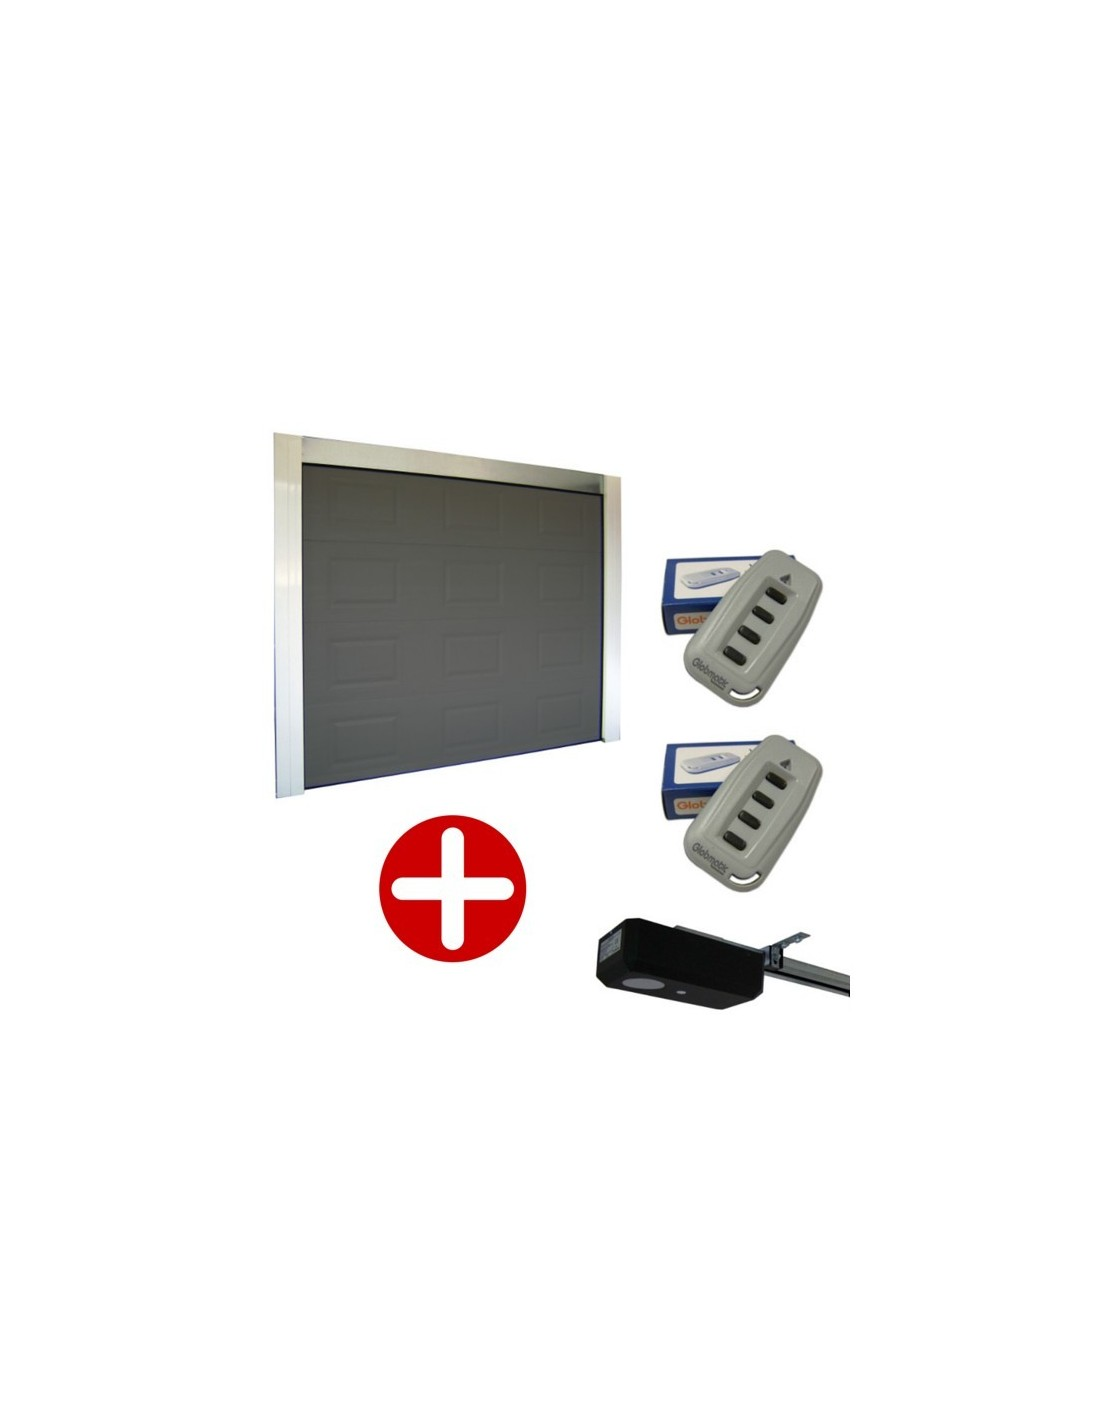 Porte de garage sectionnelle cassette 40mm grise motoris e for Porte de garage grise la rochelle